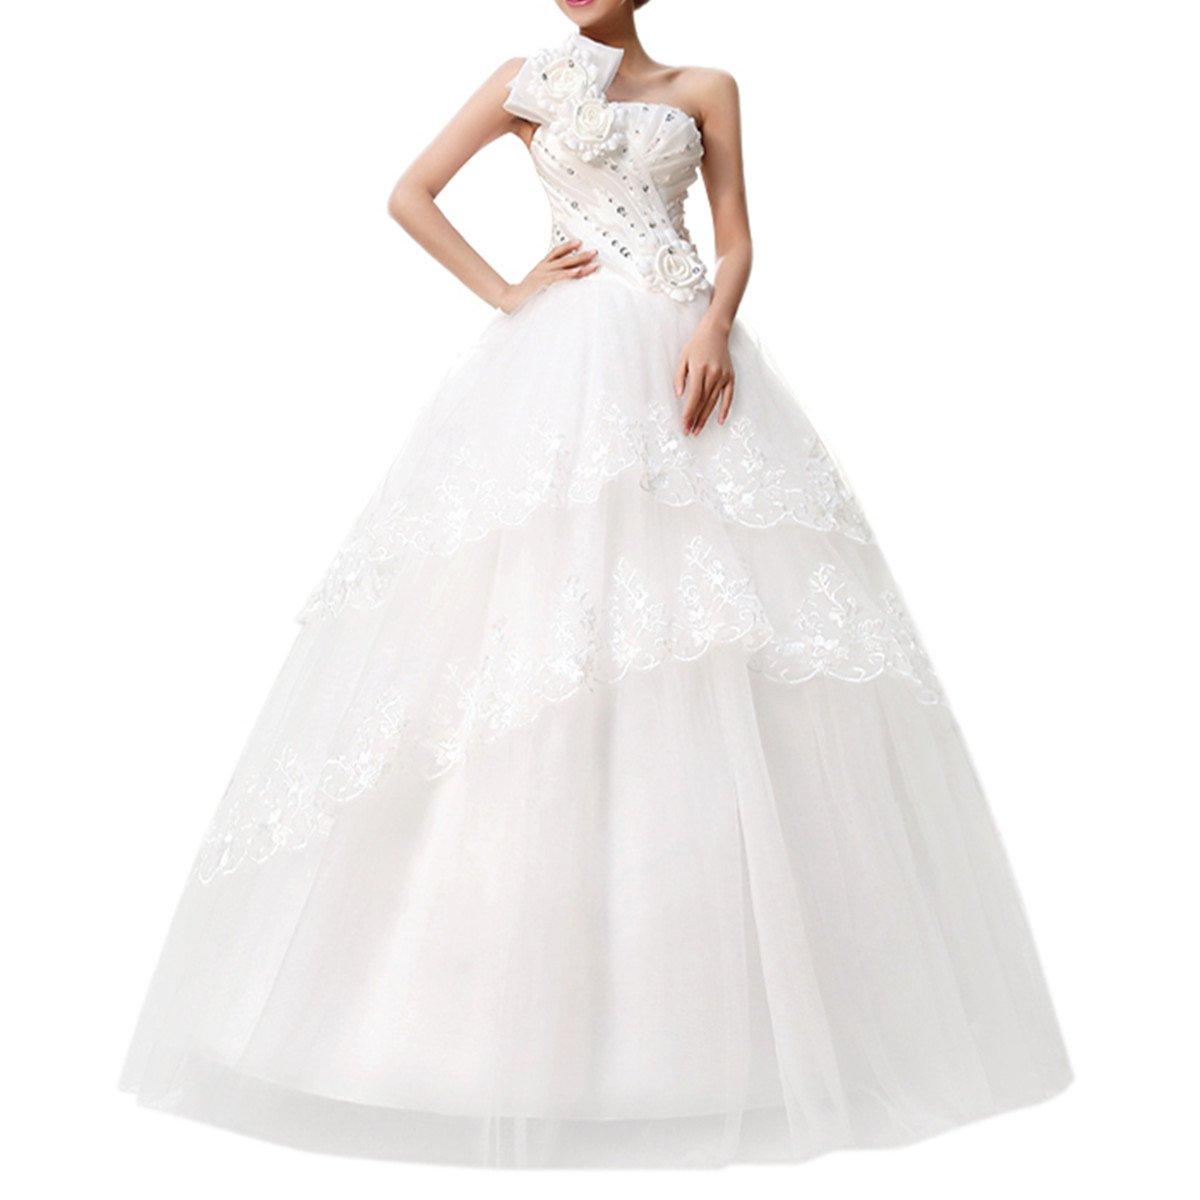 f493f668cf2e0 2015 nouveau Robe mariée Robe de mariage femme blanc élégante dentelle à  dos nu avec des